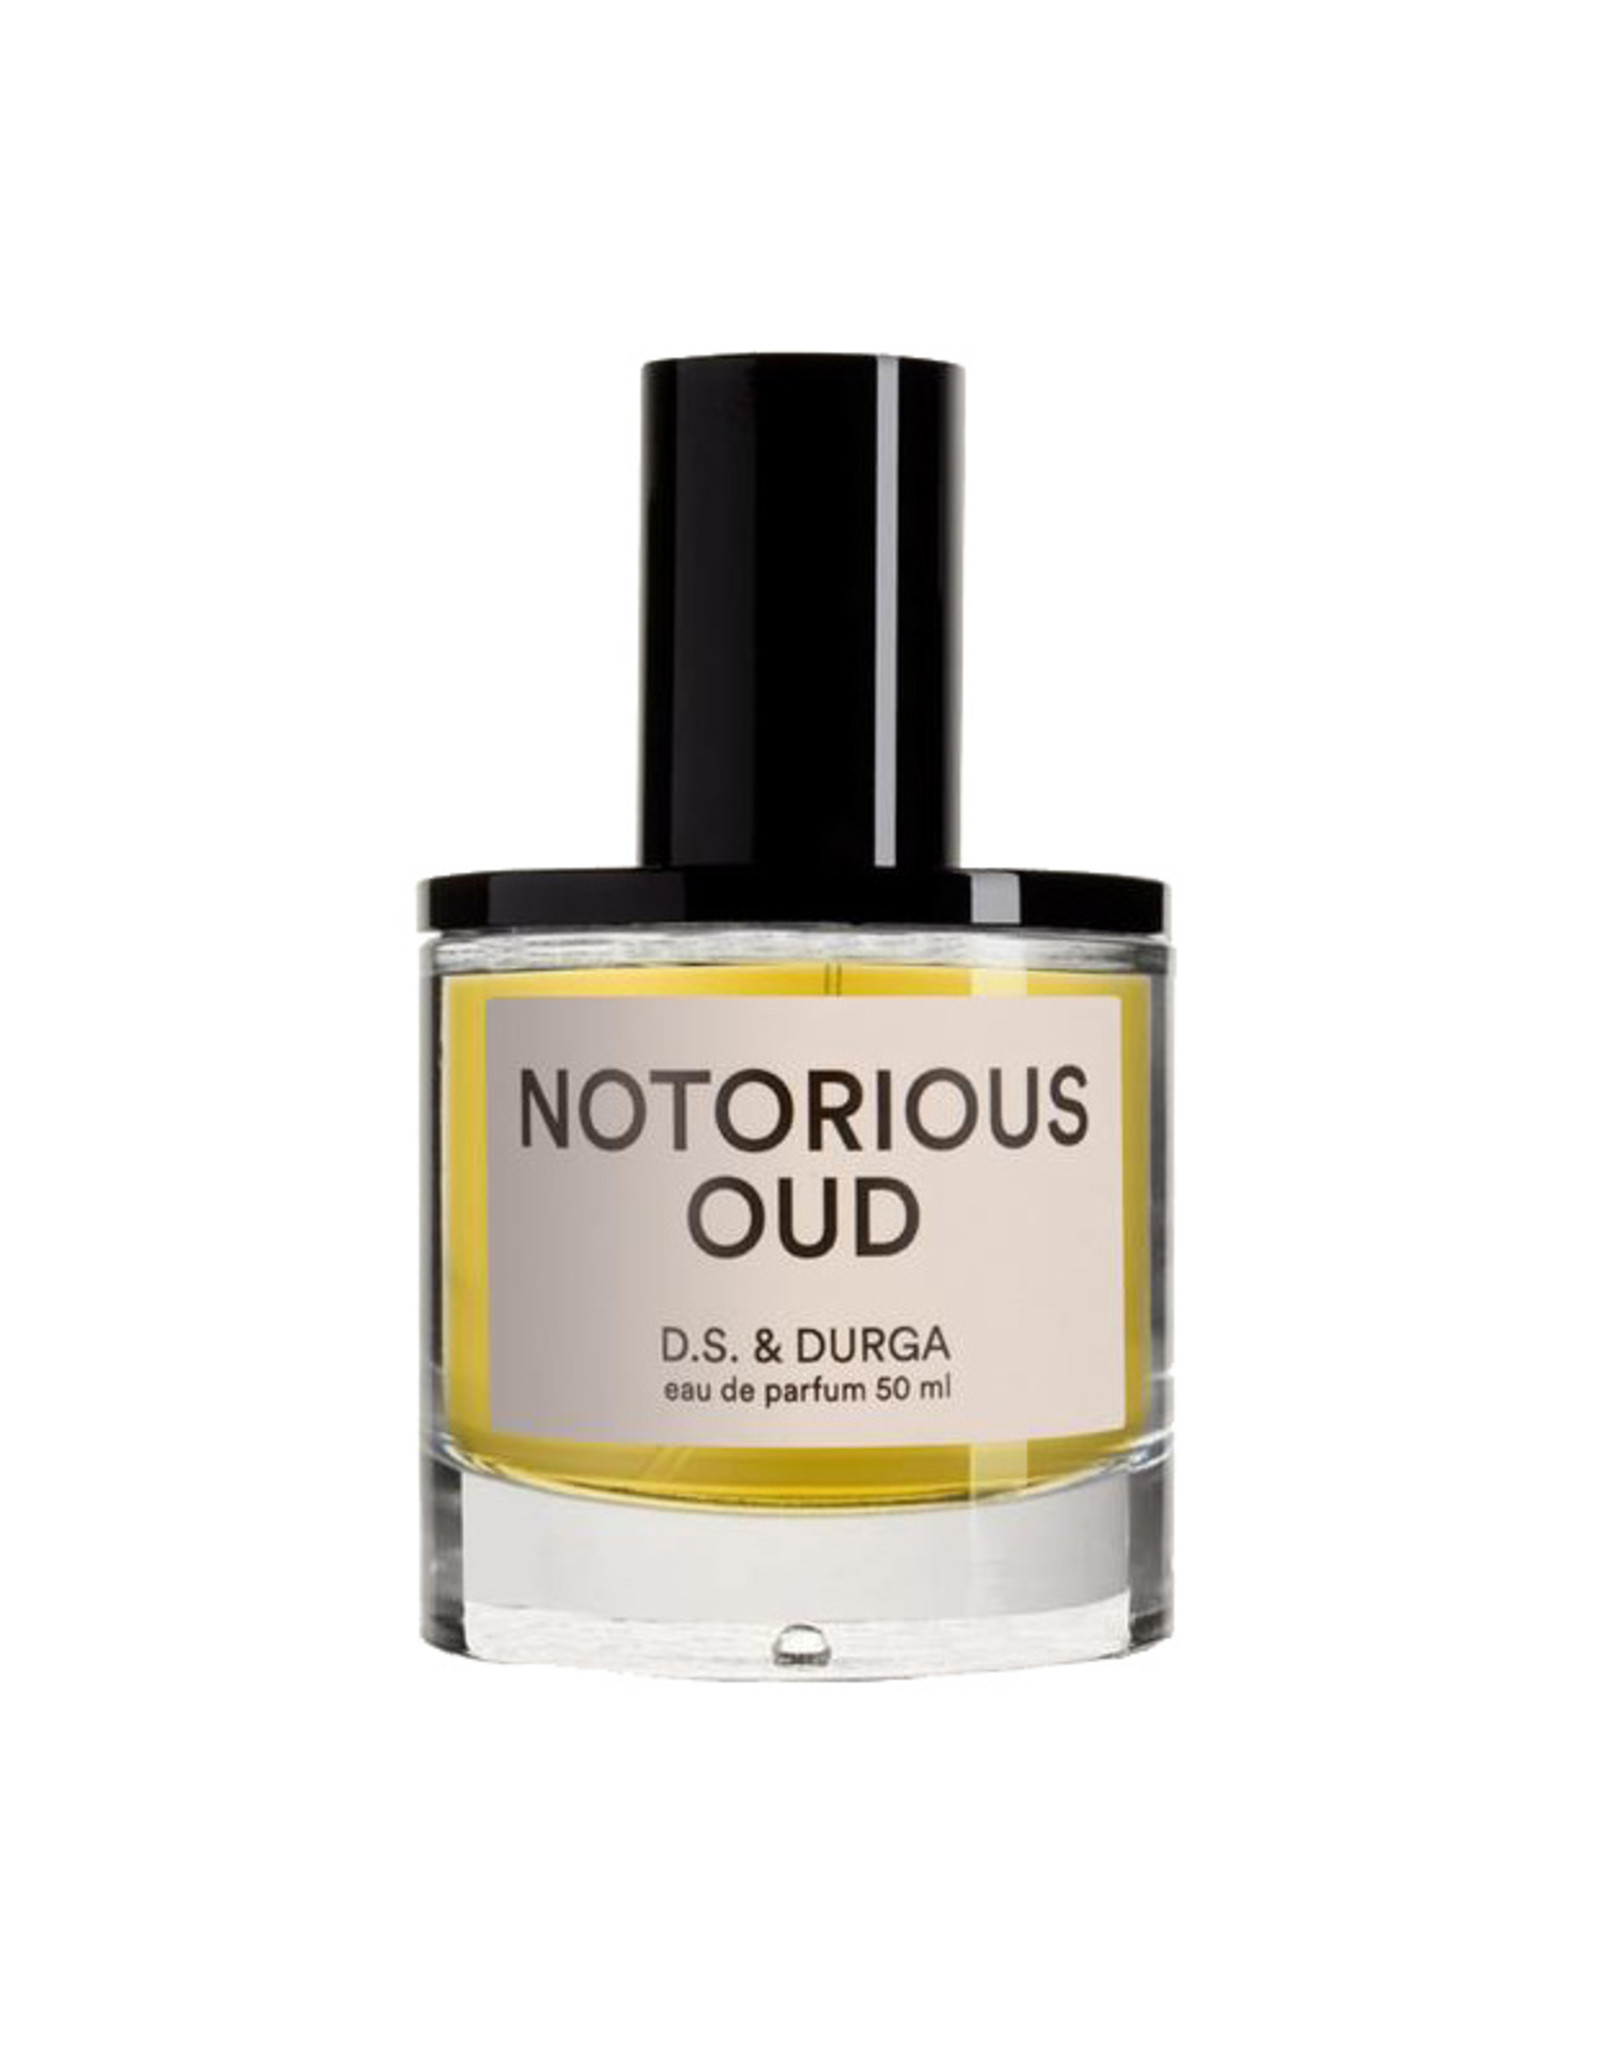 D.S. & DURGA Notorious Oud - Eau De Parfum - 50 mL